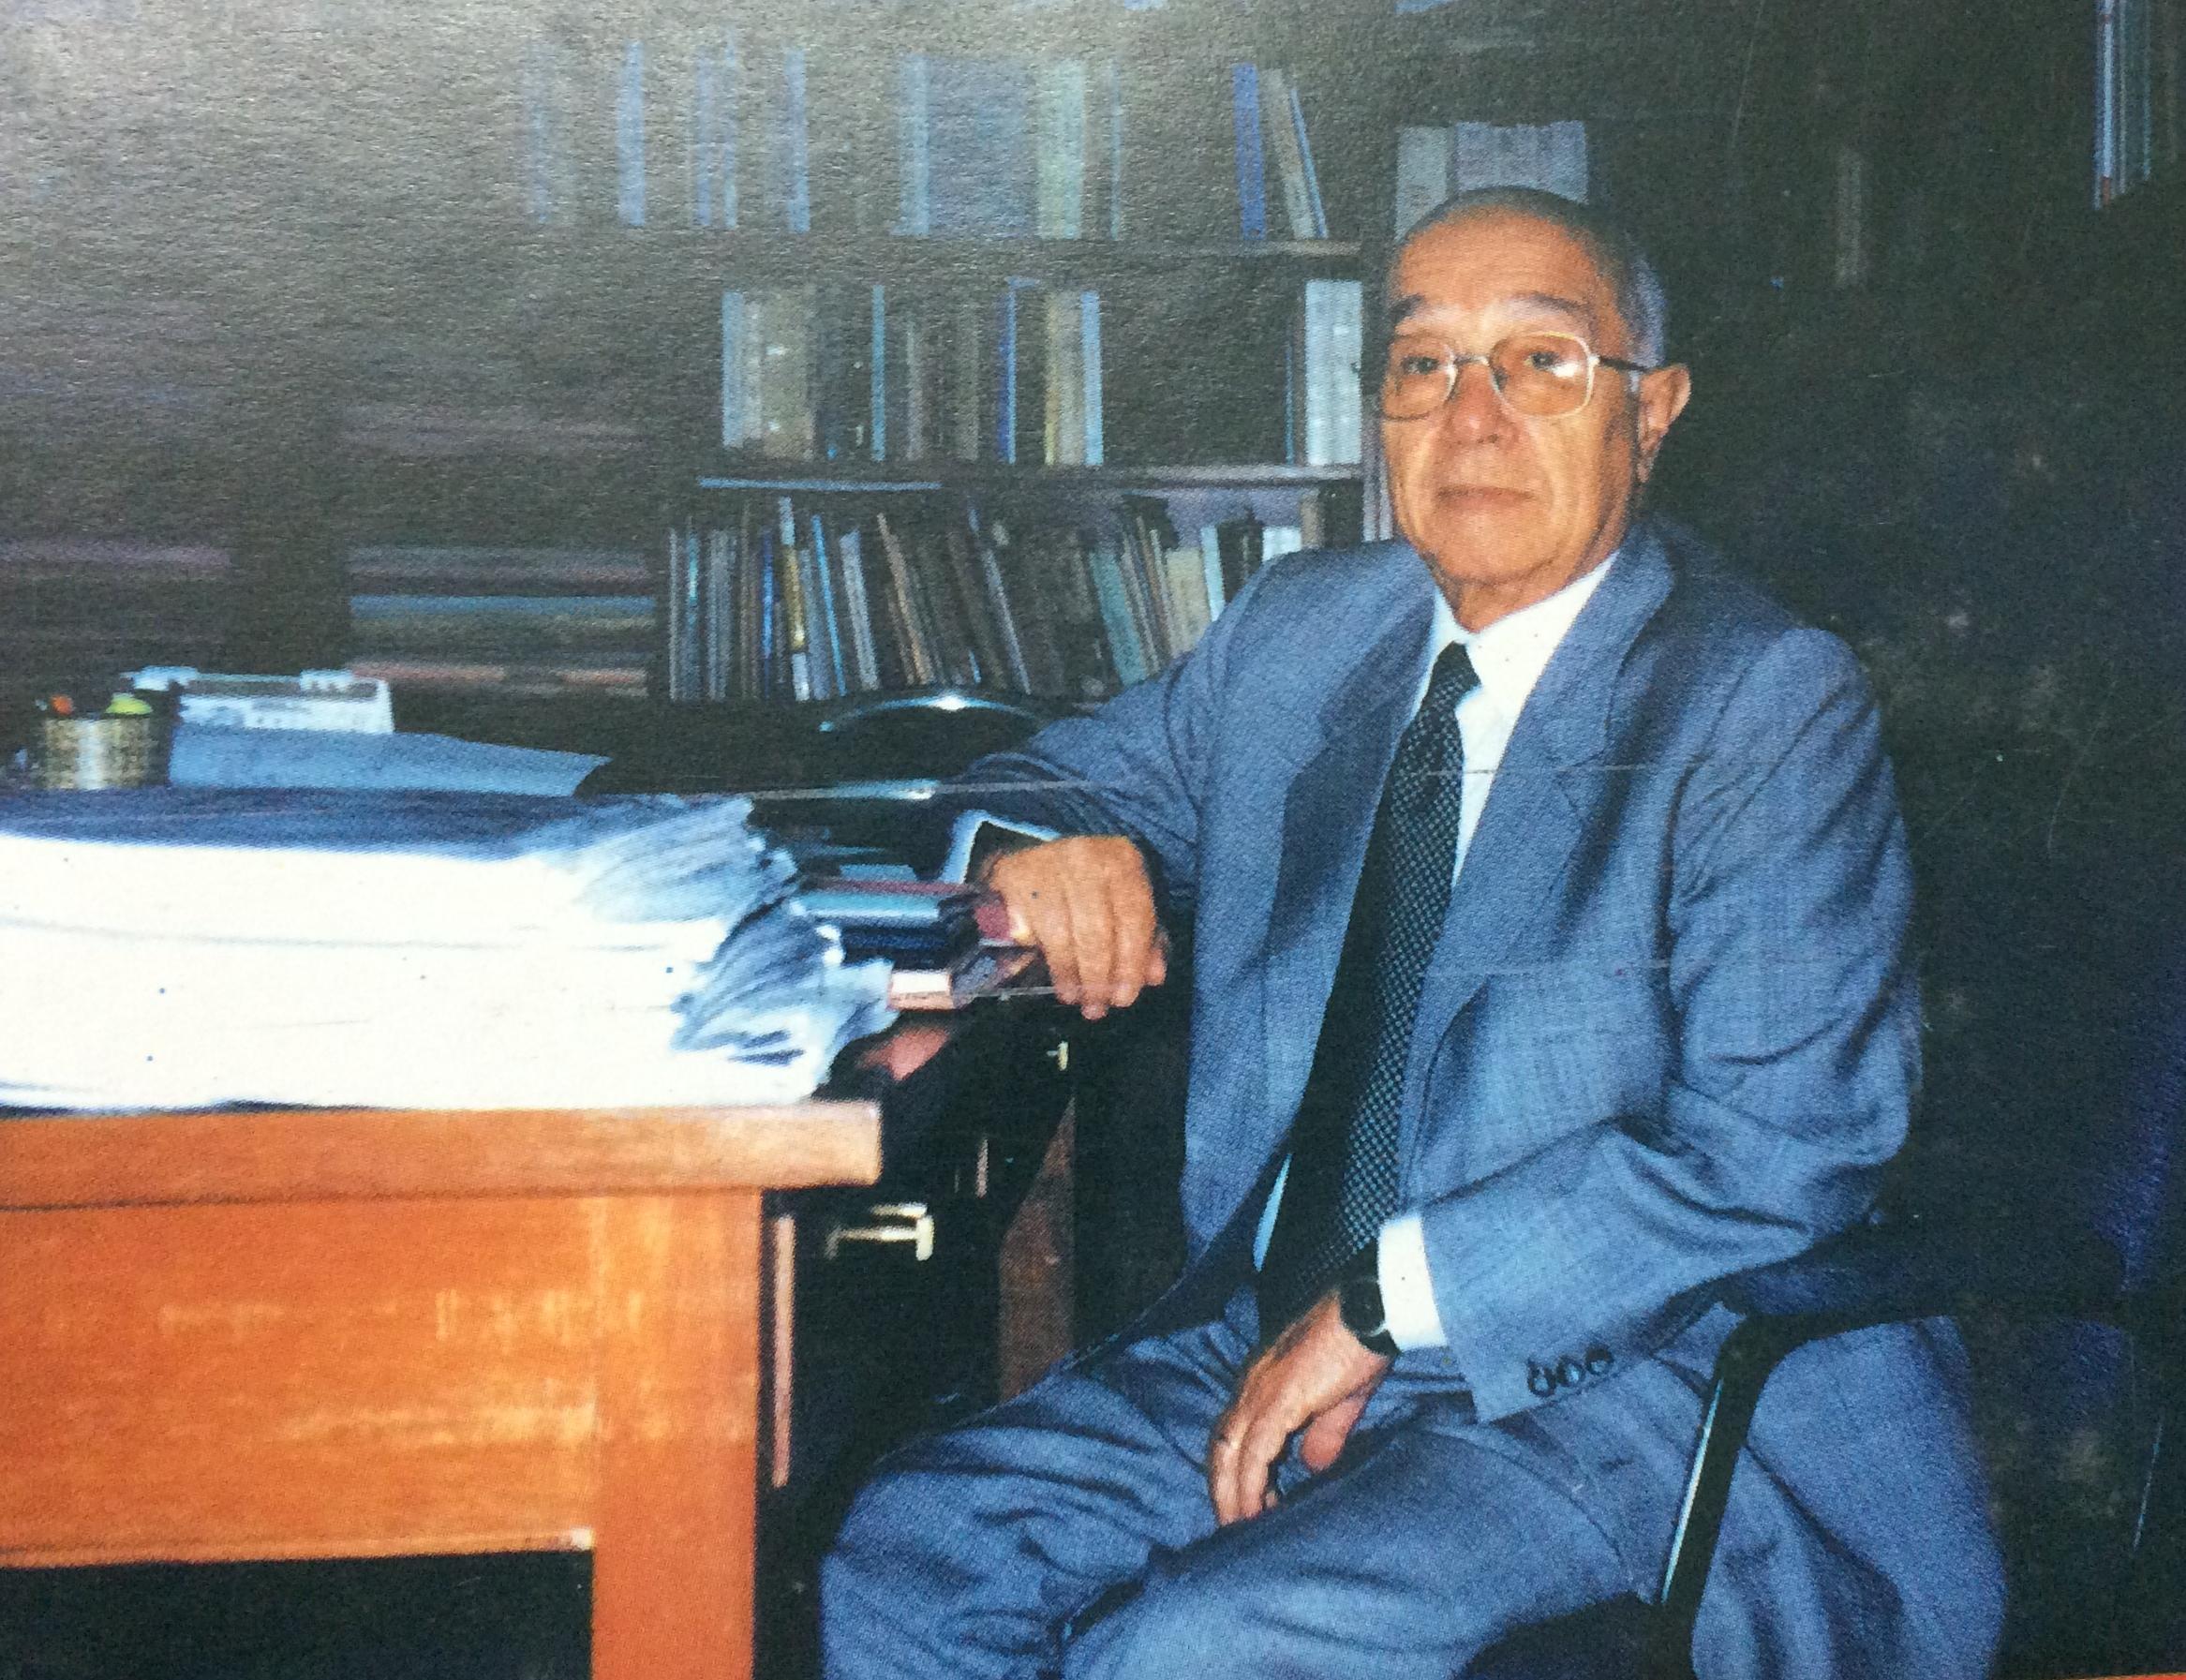 El inminente y prestigioso abogado y magistrado Dr Jos Mara Martocci ex miembro y presidente